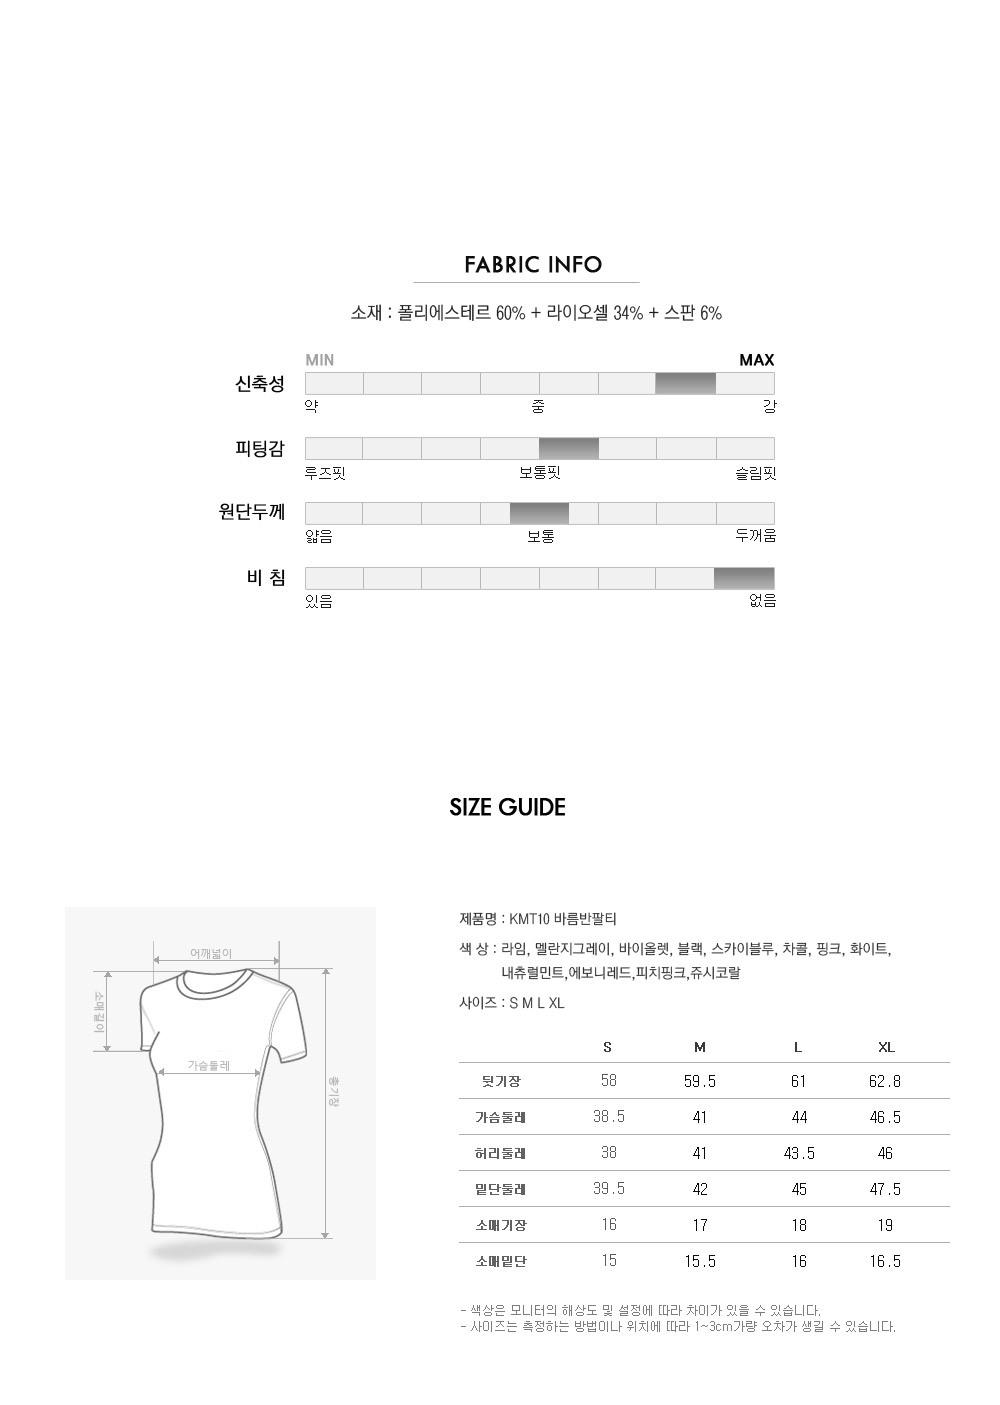 애슬리트(ATHLETE) 고탄력 소프트쿨원단 고기능성T KMT10 바름 반팔 티셔츠 요가복